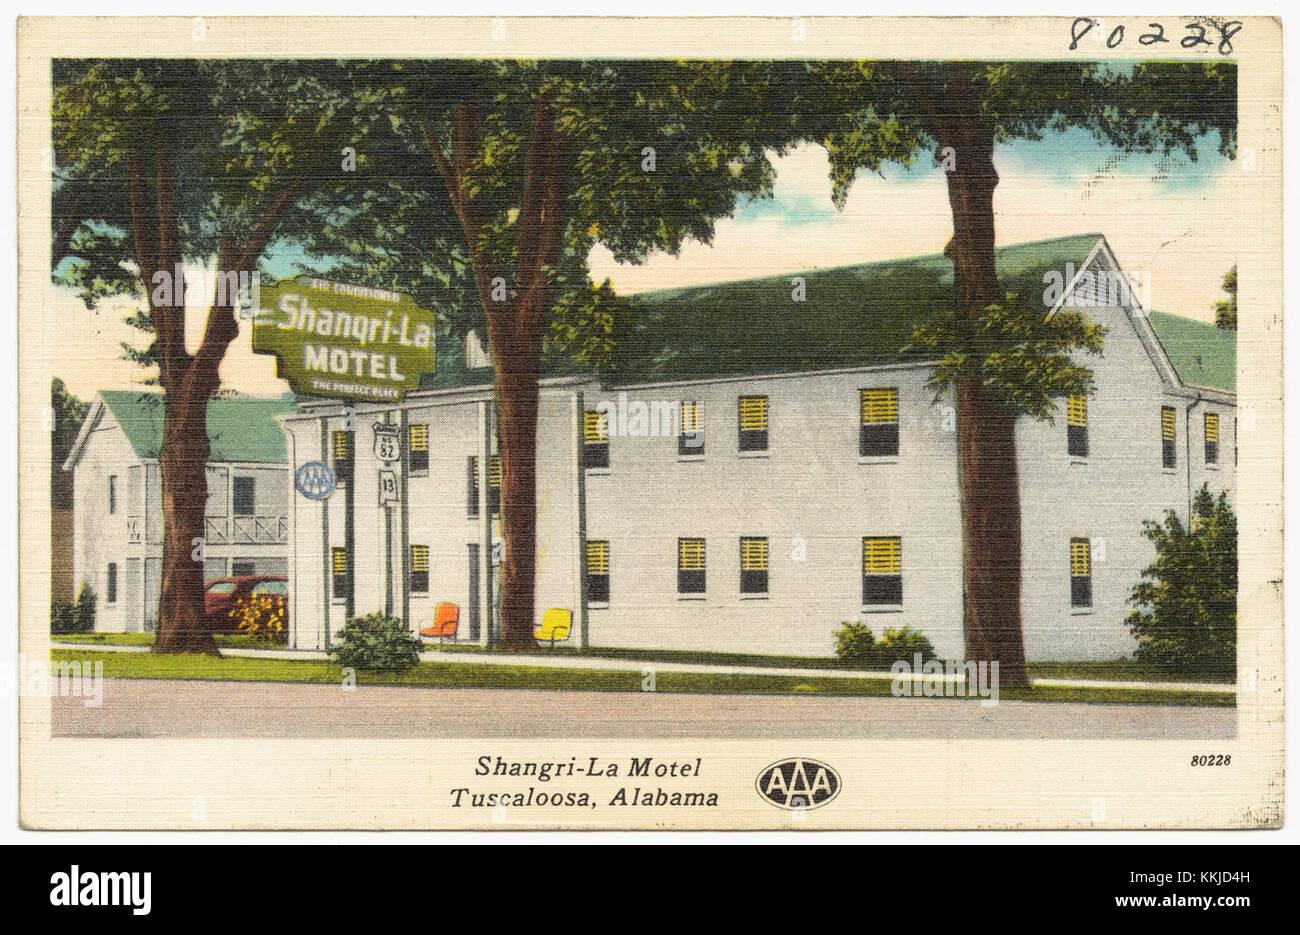 Shangri-La Motel, Tuscaloosa, Alabama (7187238609) - Stock Image